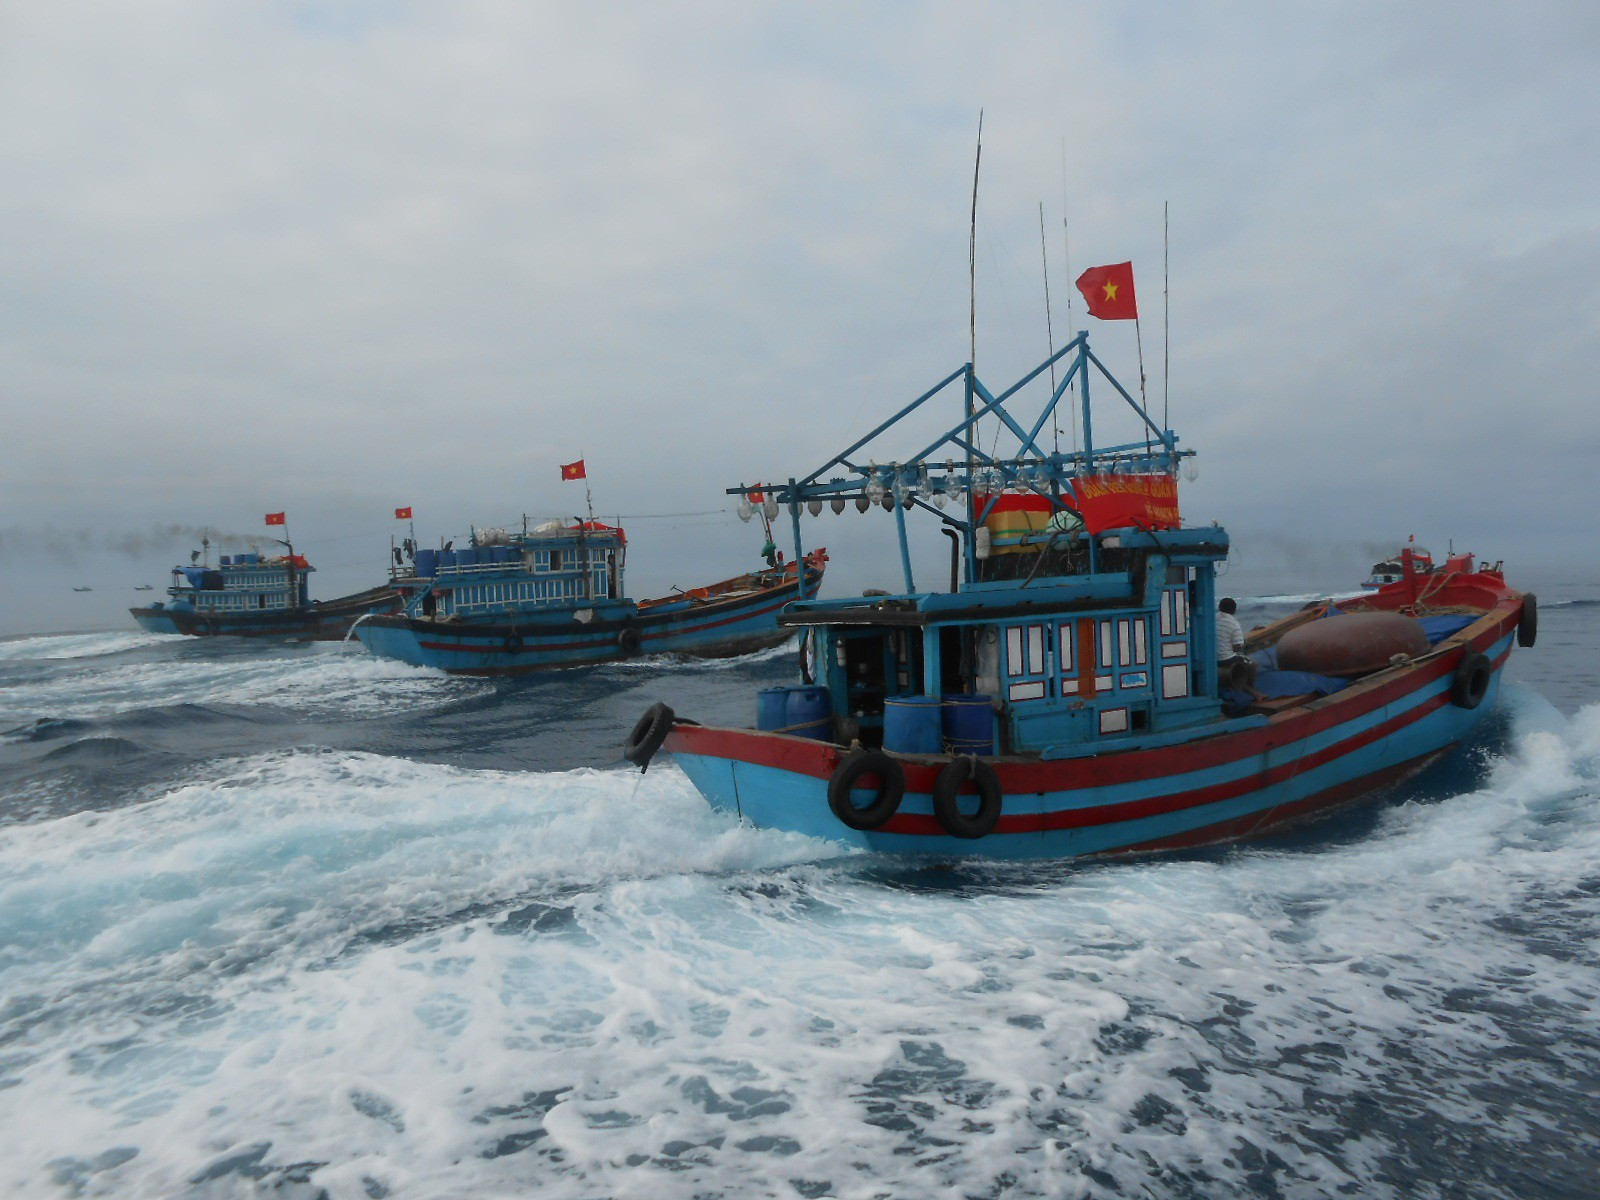 Sau những ngày nghỉ lễ, tàu cá của ngư dân Lý Sơn sẽ tiếp tục thẳng tiến ra Hoàng Sa, Trường Sa